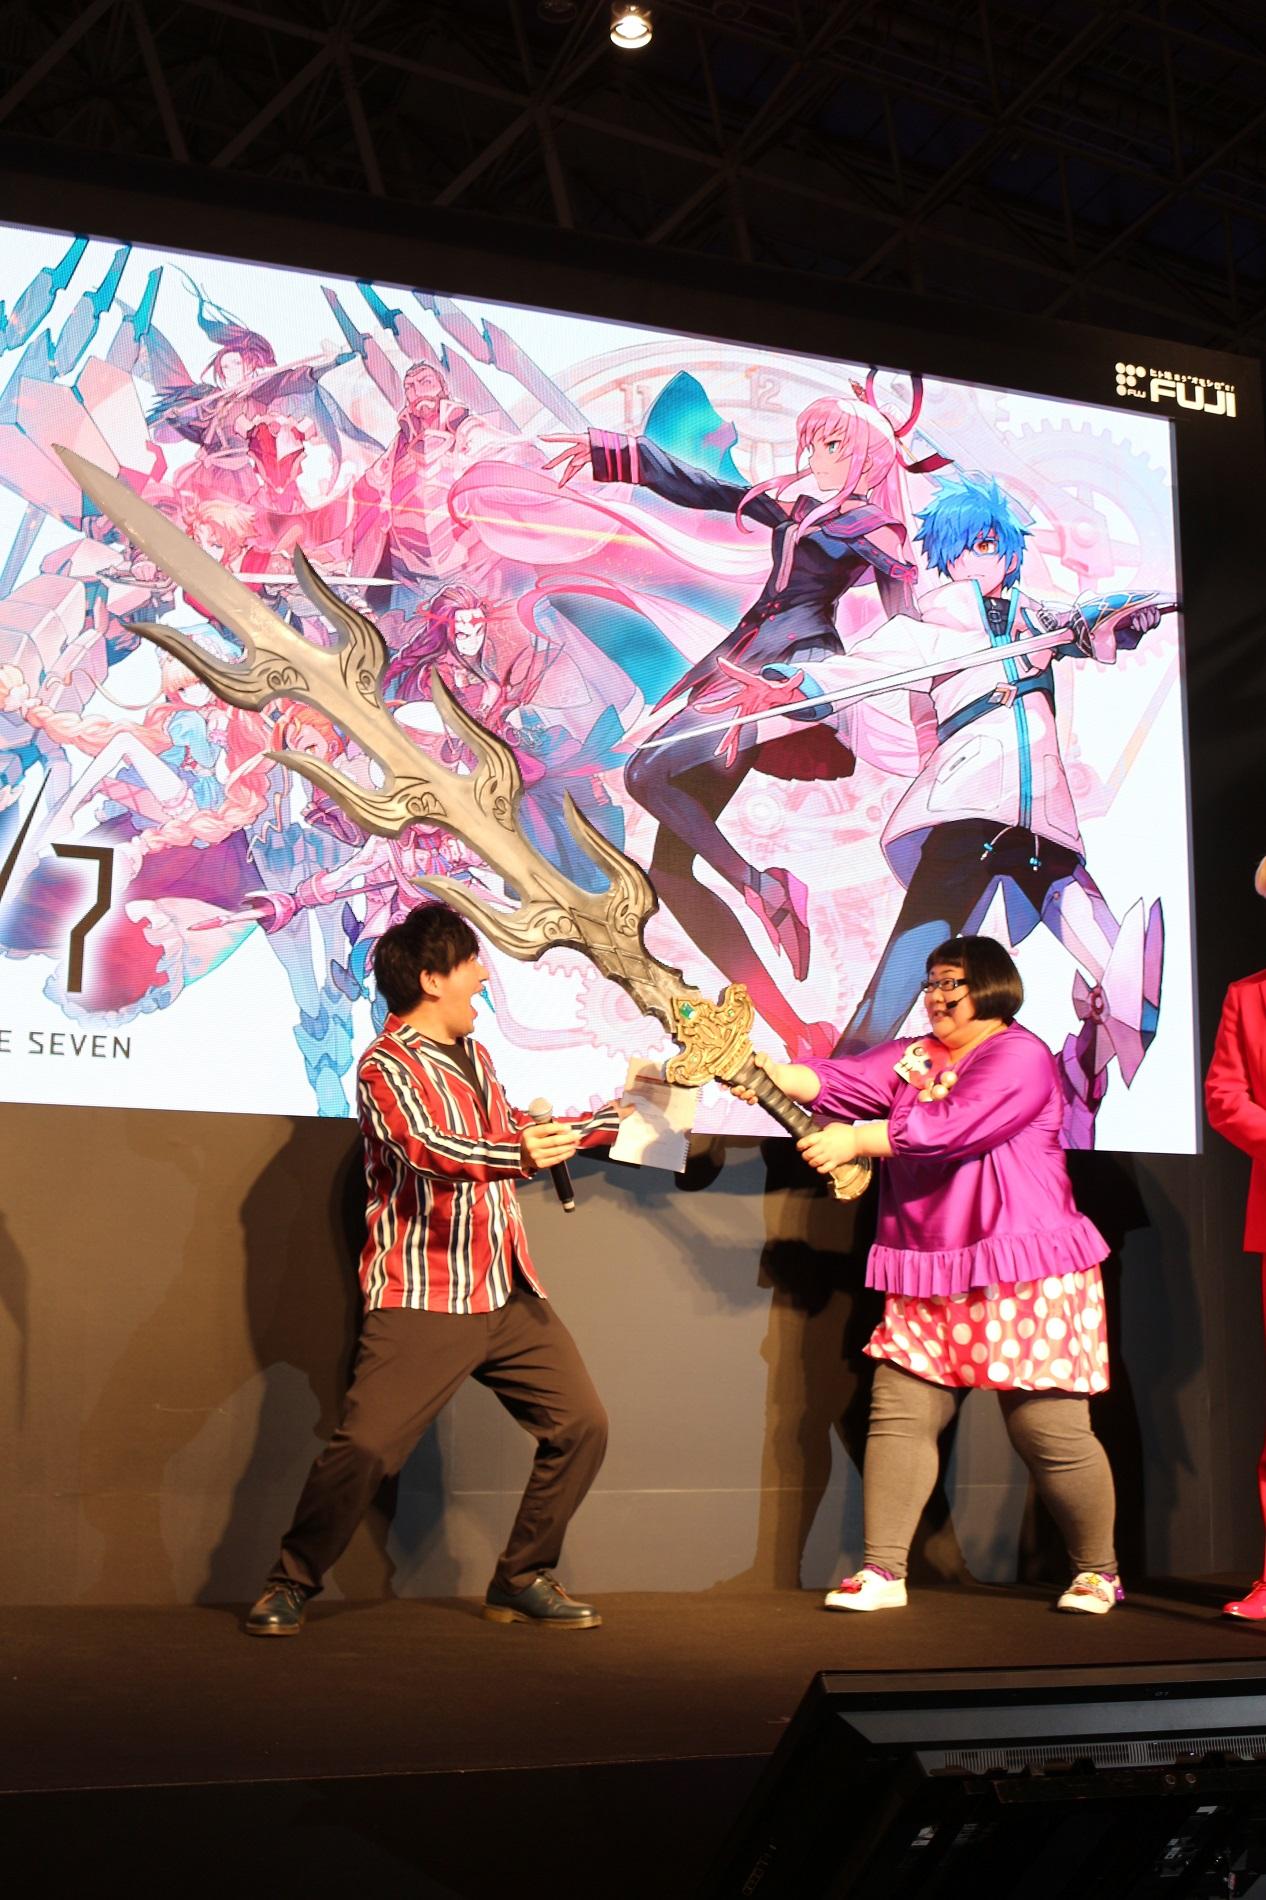 【闘会議2018】『23/7 トゥエンティ スリー セブン』スペシャルステージに「メイプル超合金」が登場!